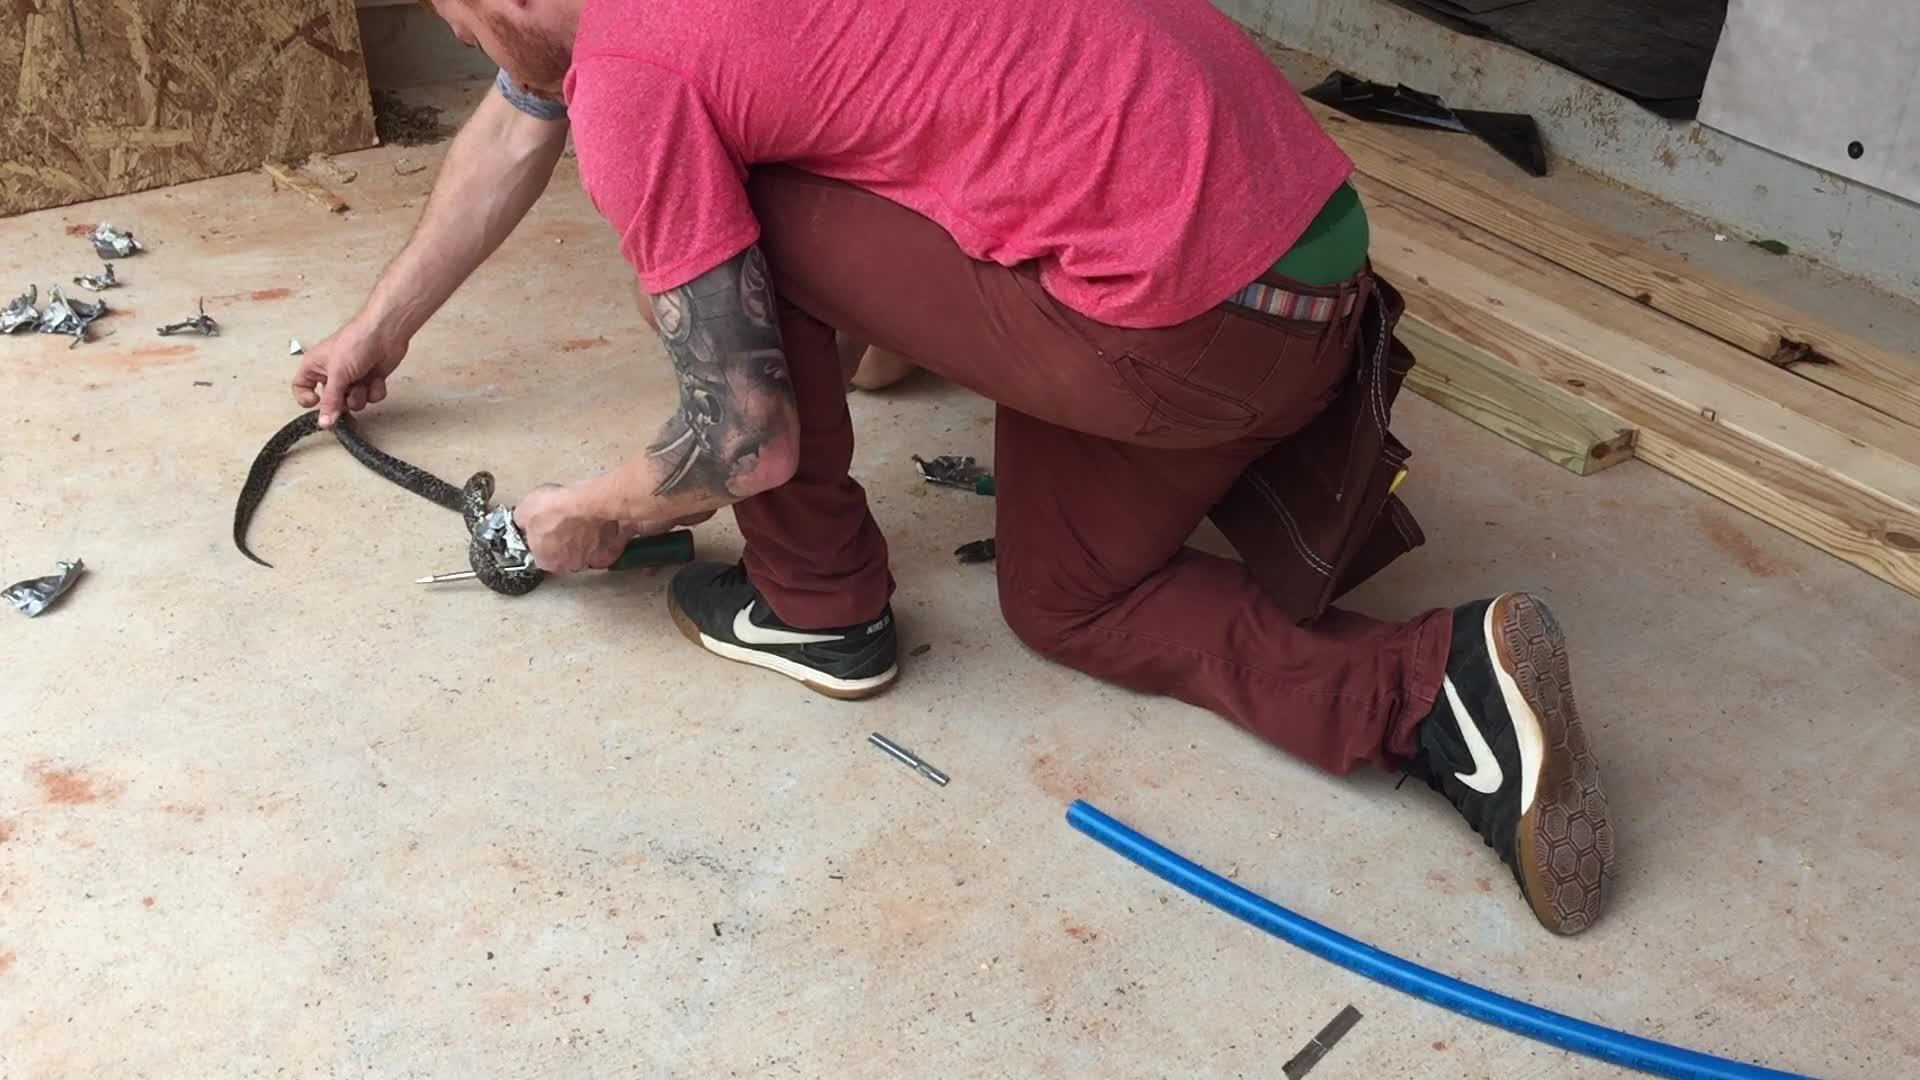 Dominic reddet slange fra tape-knipe